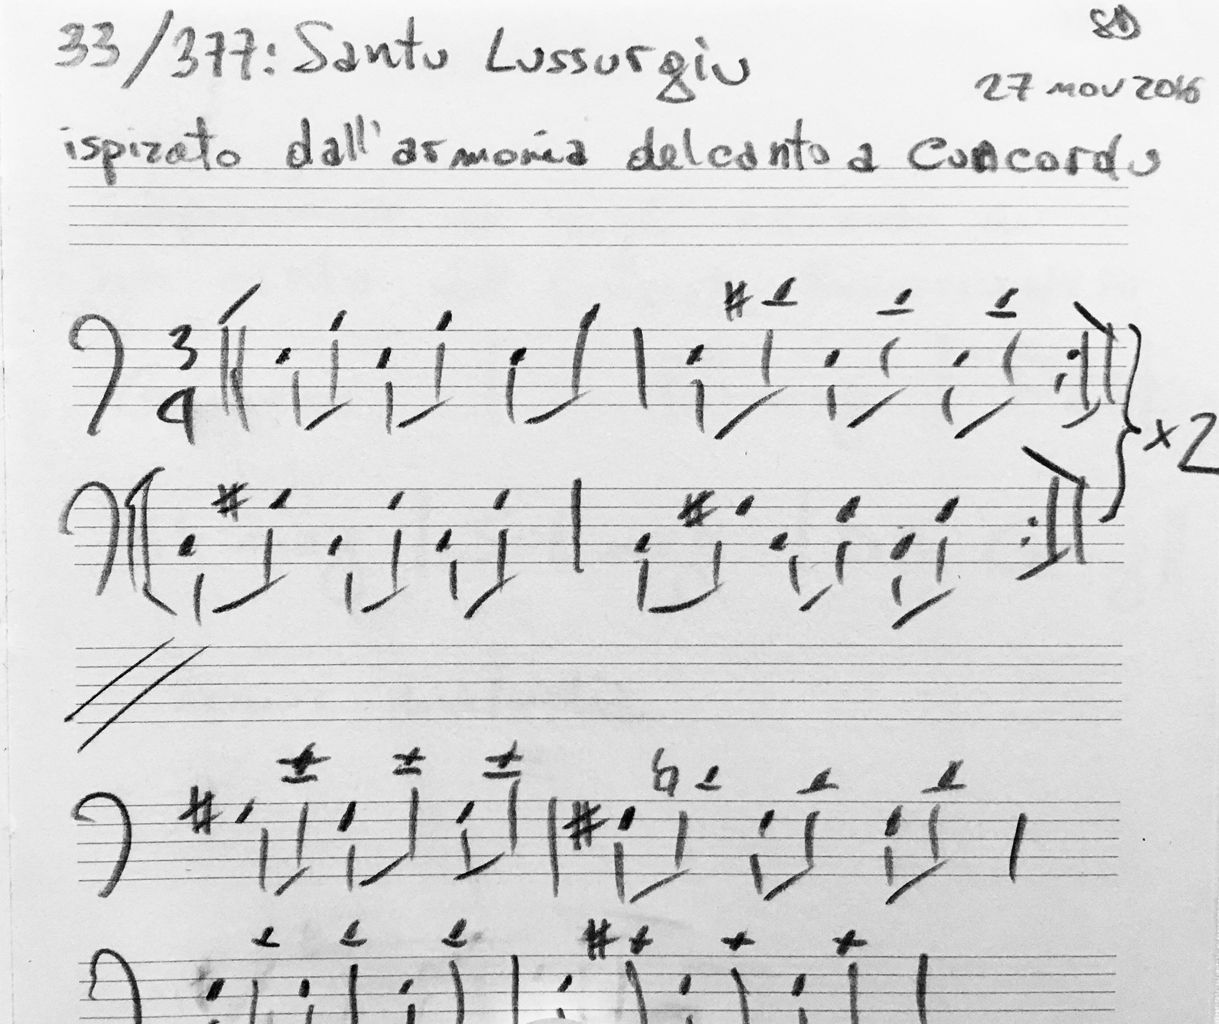 033-Santu-Lussurgiu-score